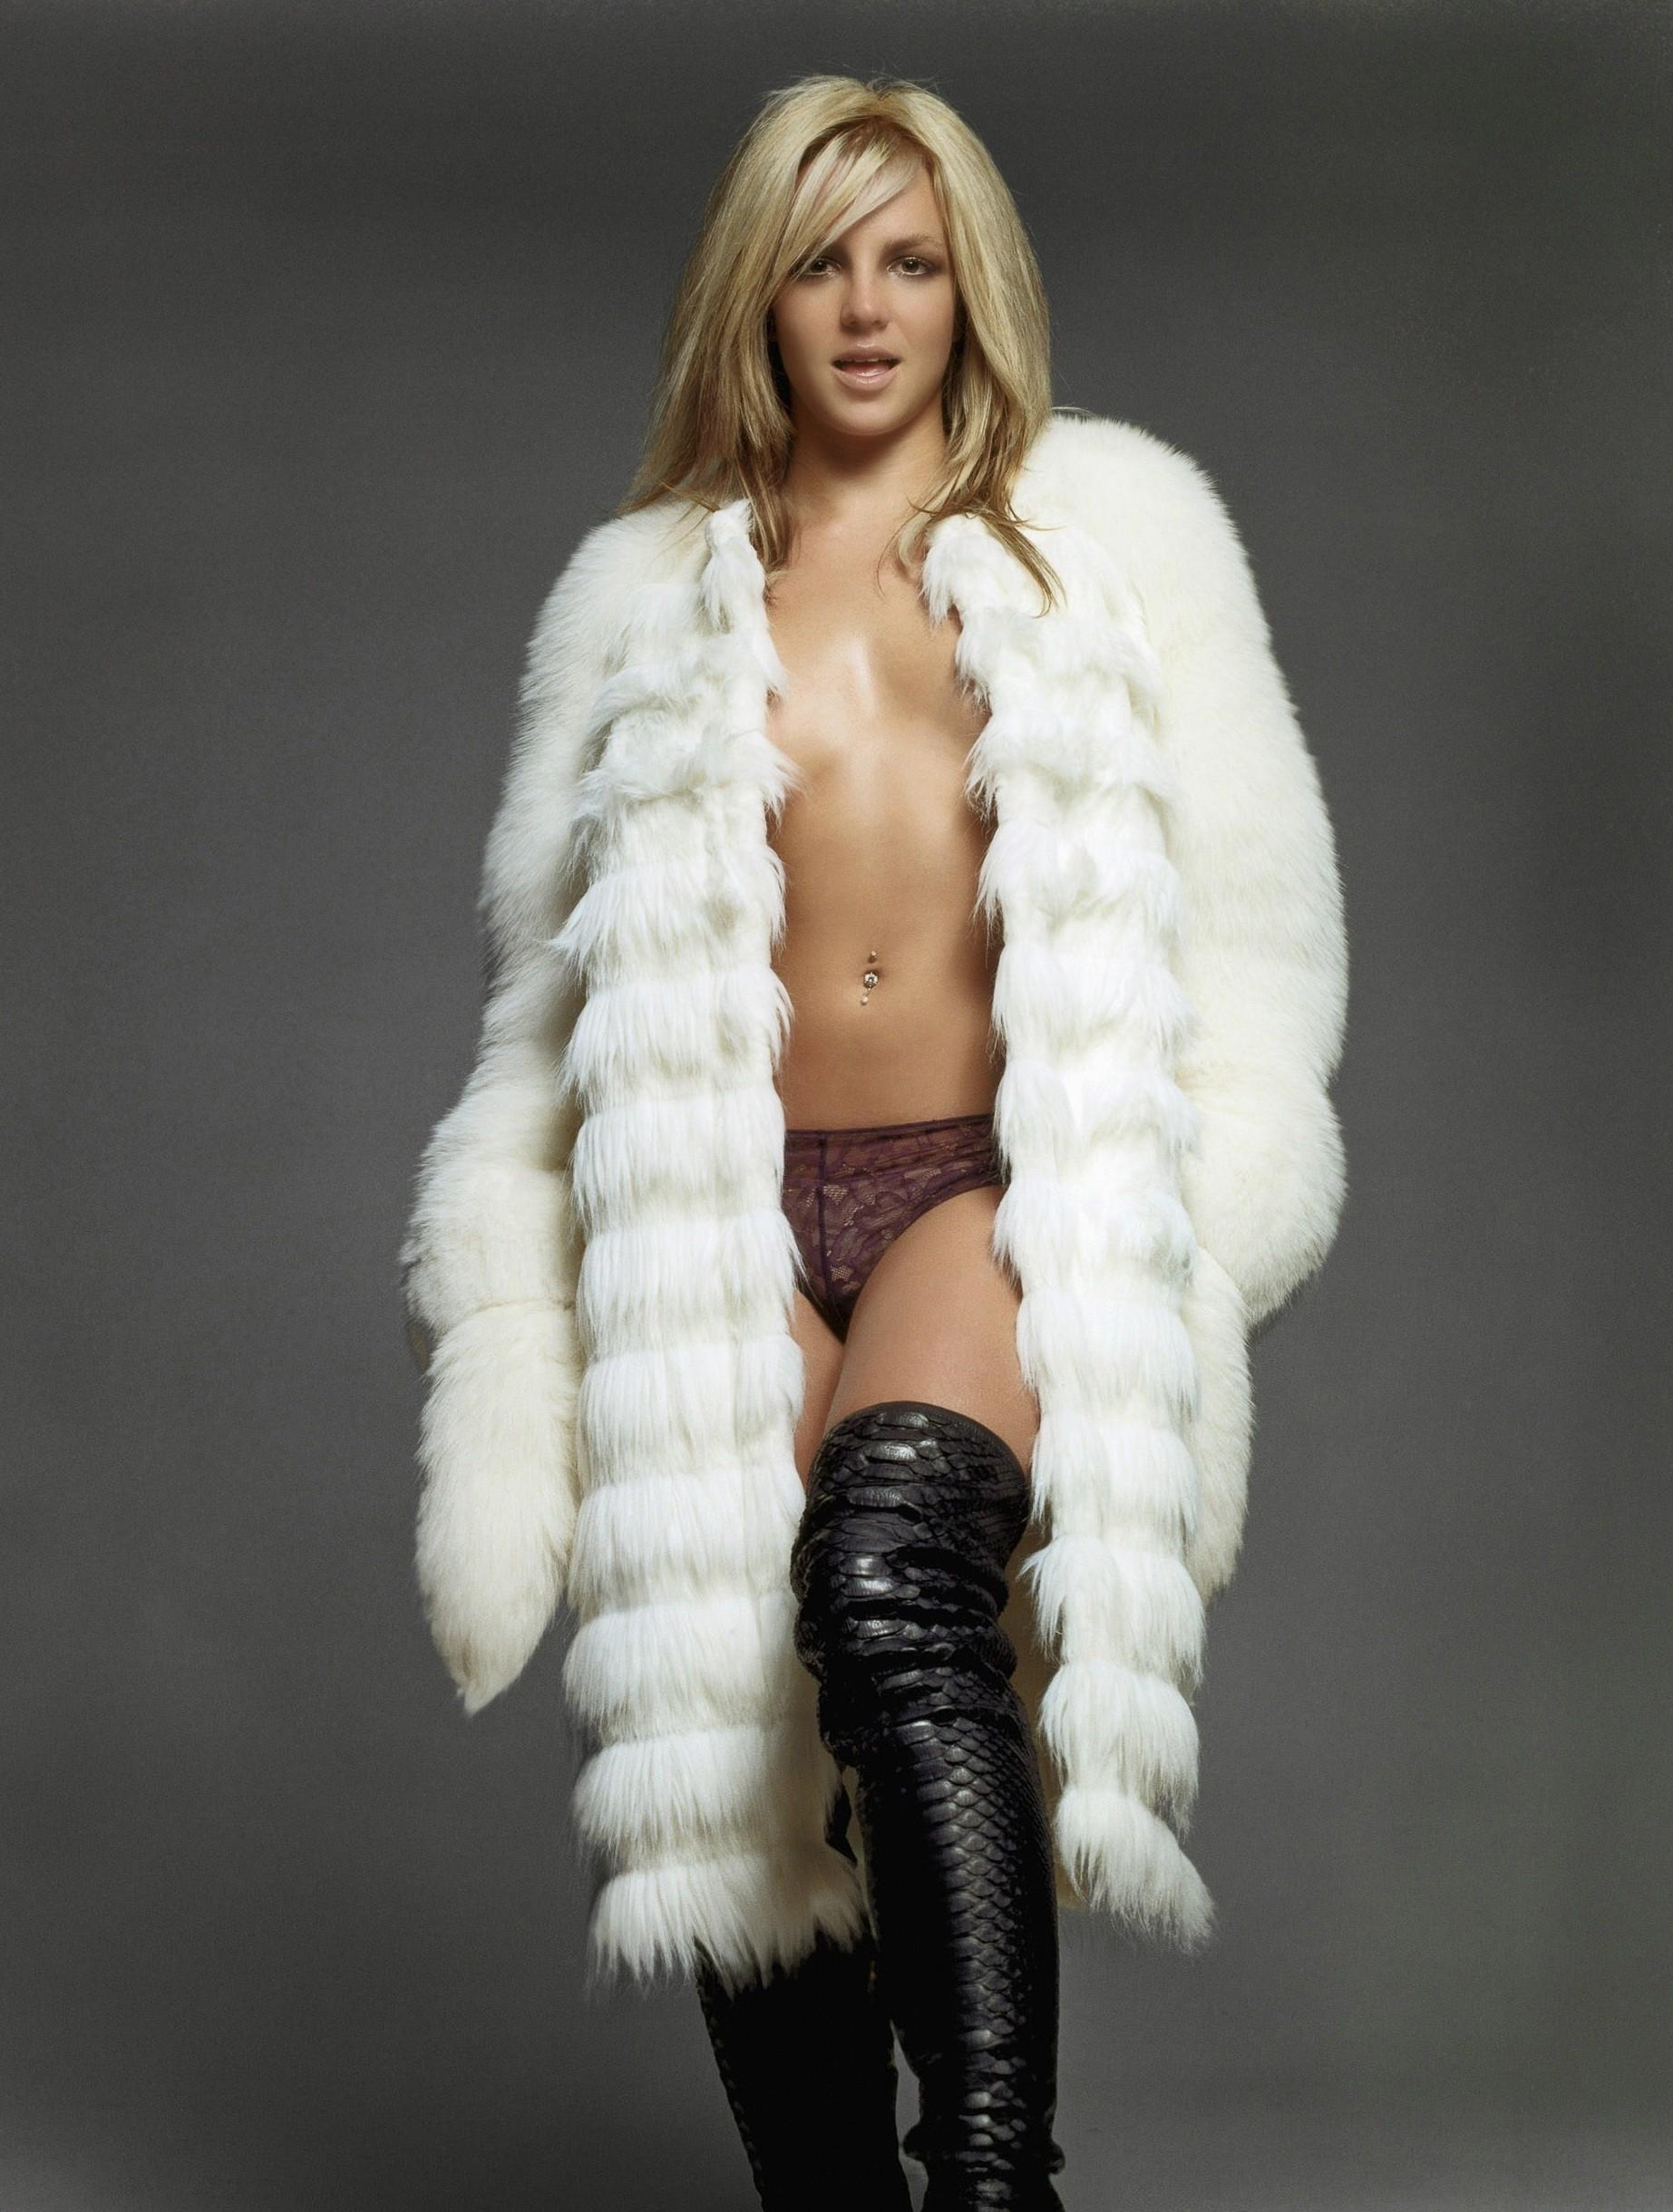 Foto de Britney Spears  número 14141